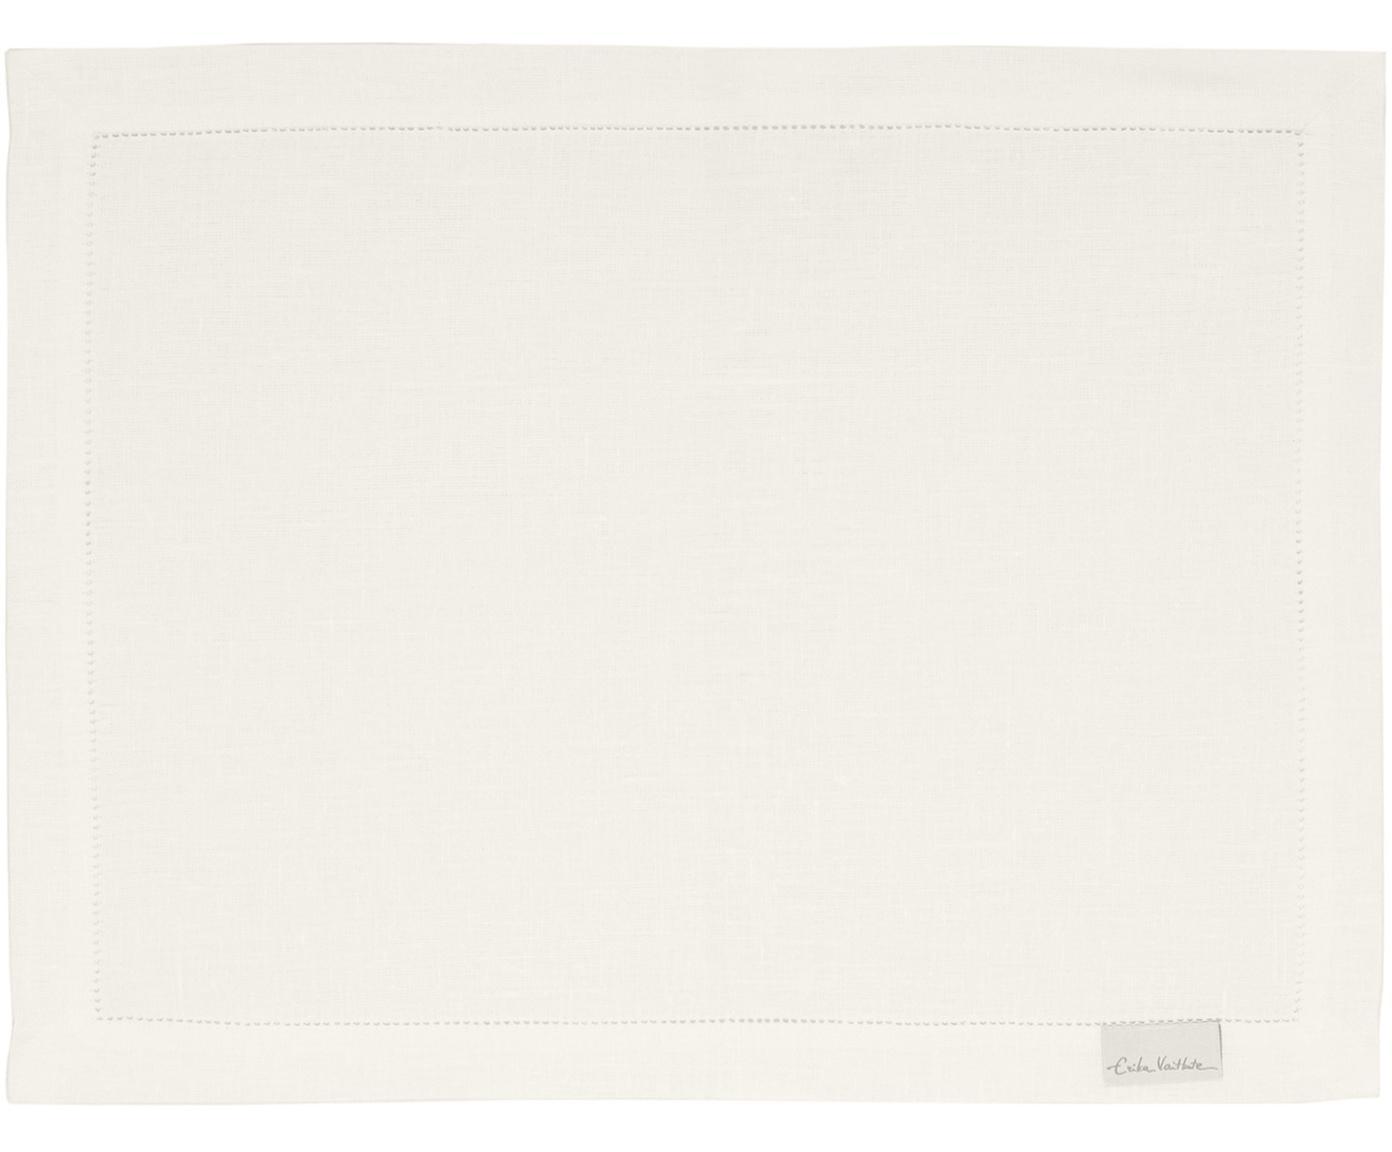 Tovaglietta americana in lino Alanta 6 pz, Bianco crema, Larg. 38 x Lung. 50 cm